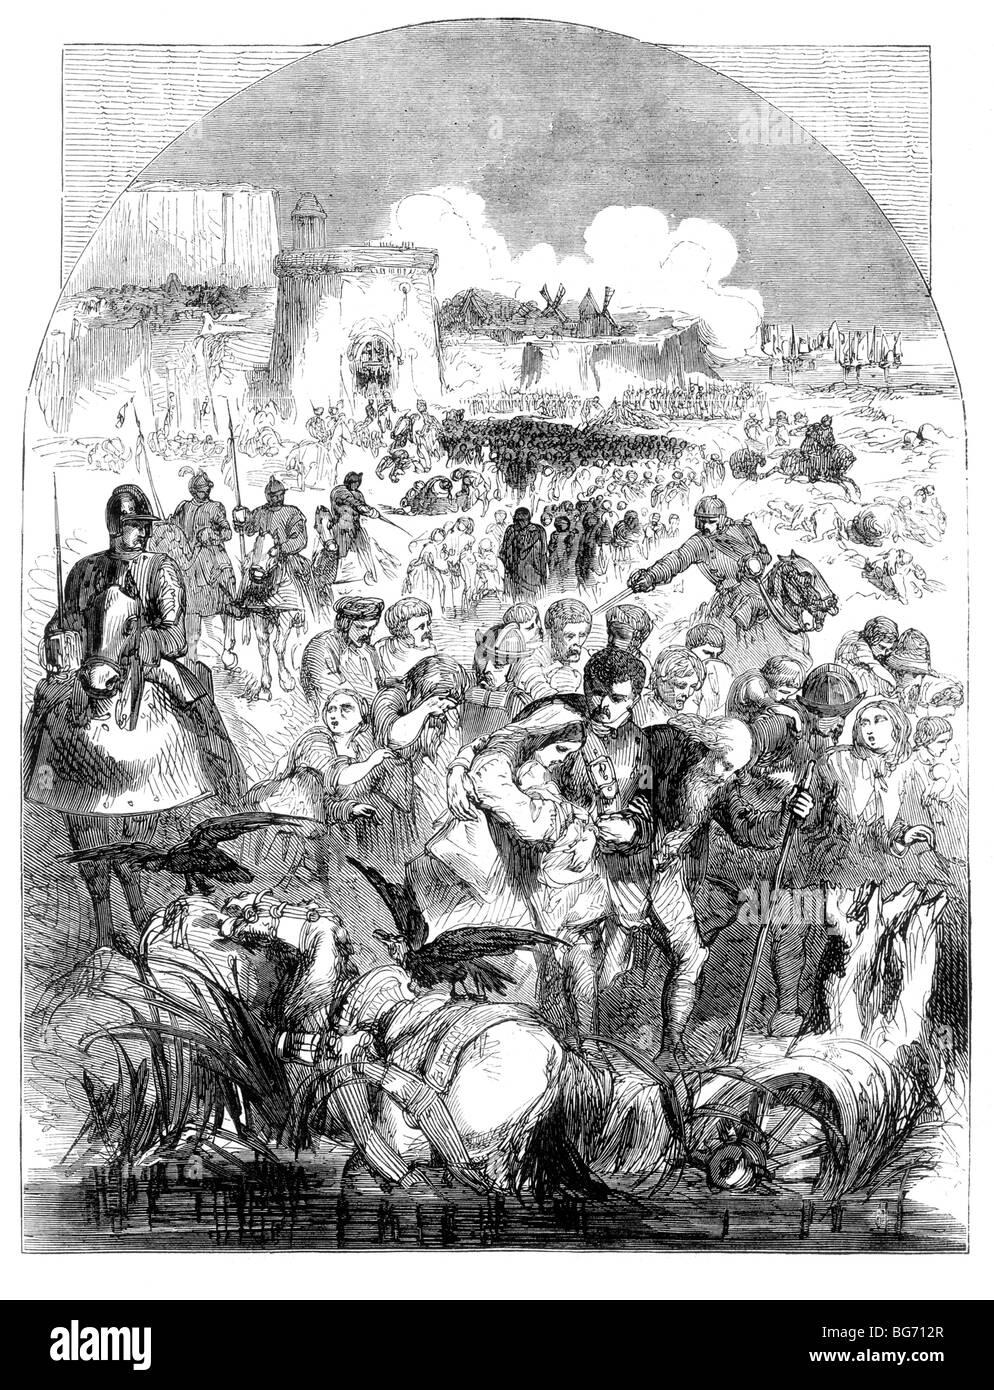 Die Belagerung von Calais, Abfahrt der Bürgerinnen und Bürger, Januar 1558 Stockbild